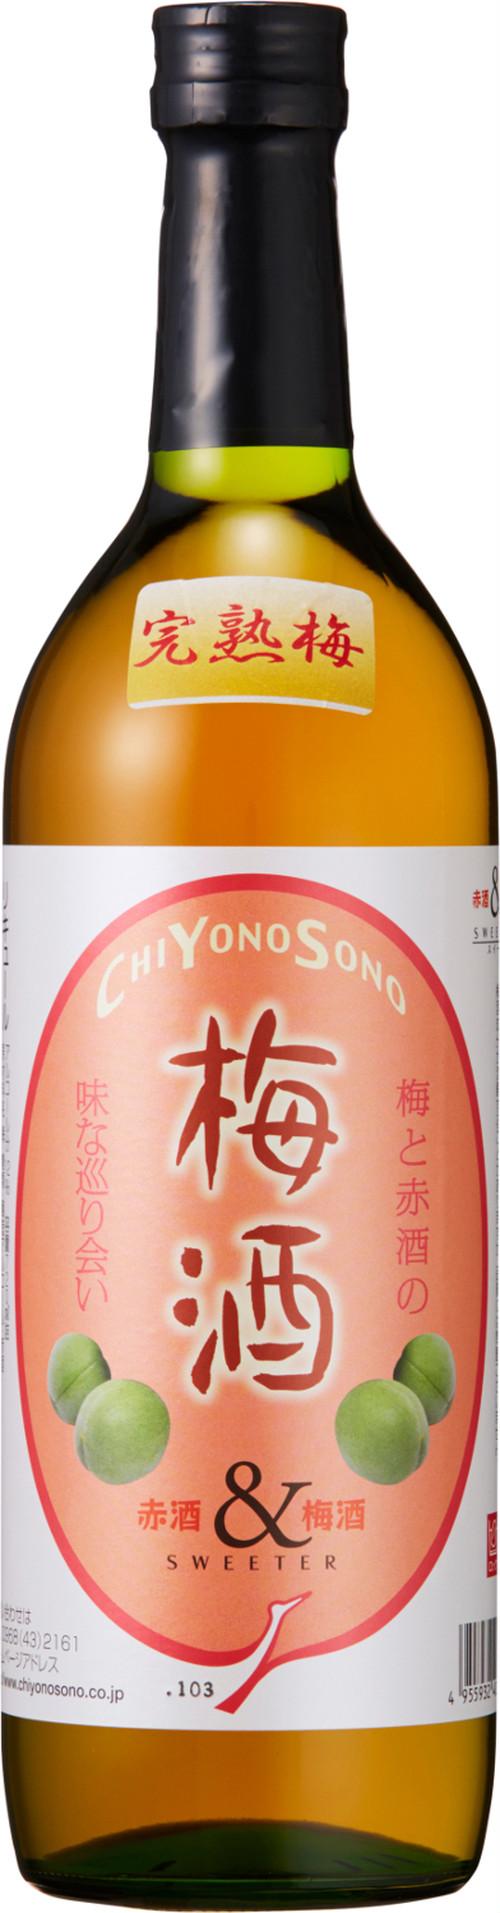 赤酒・梅酒 スイータ